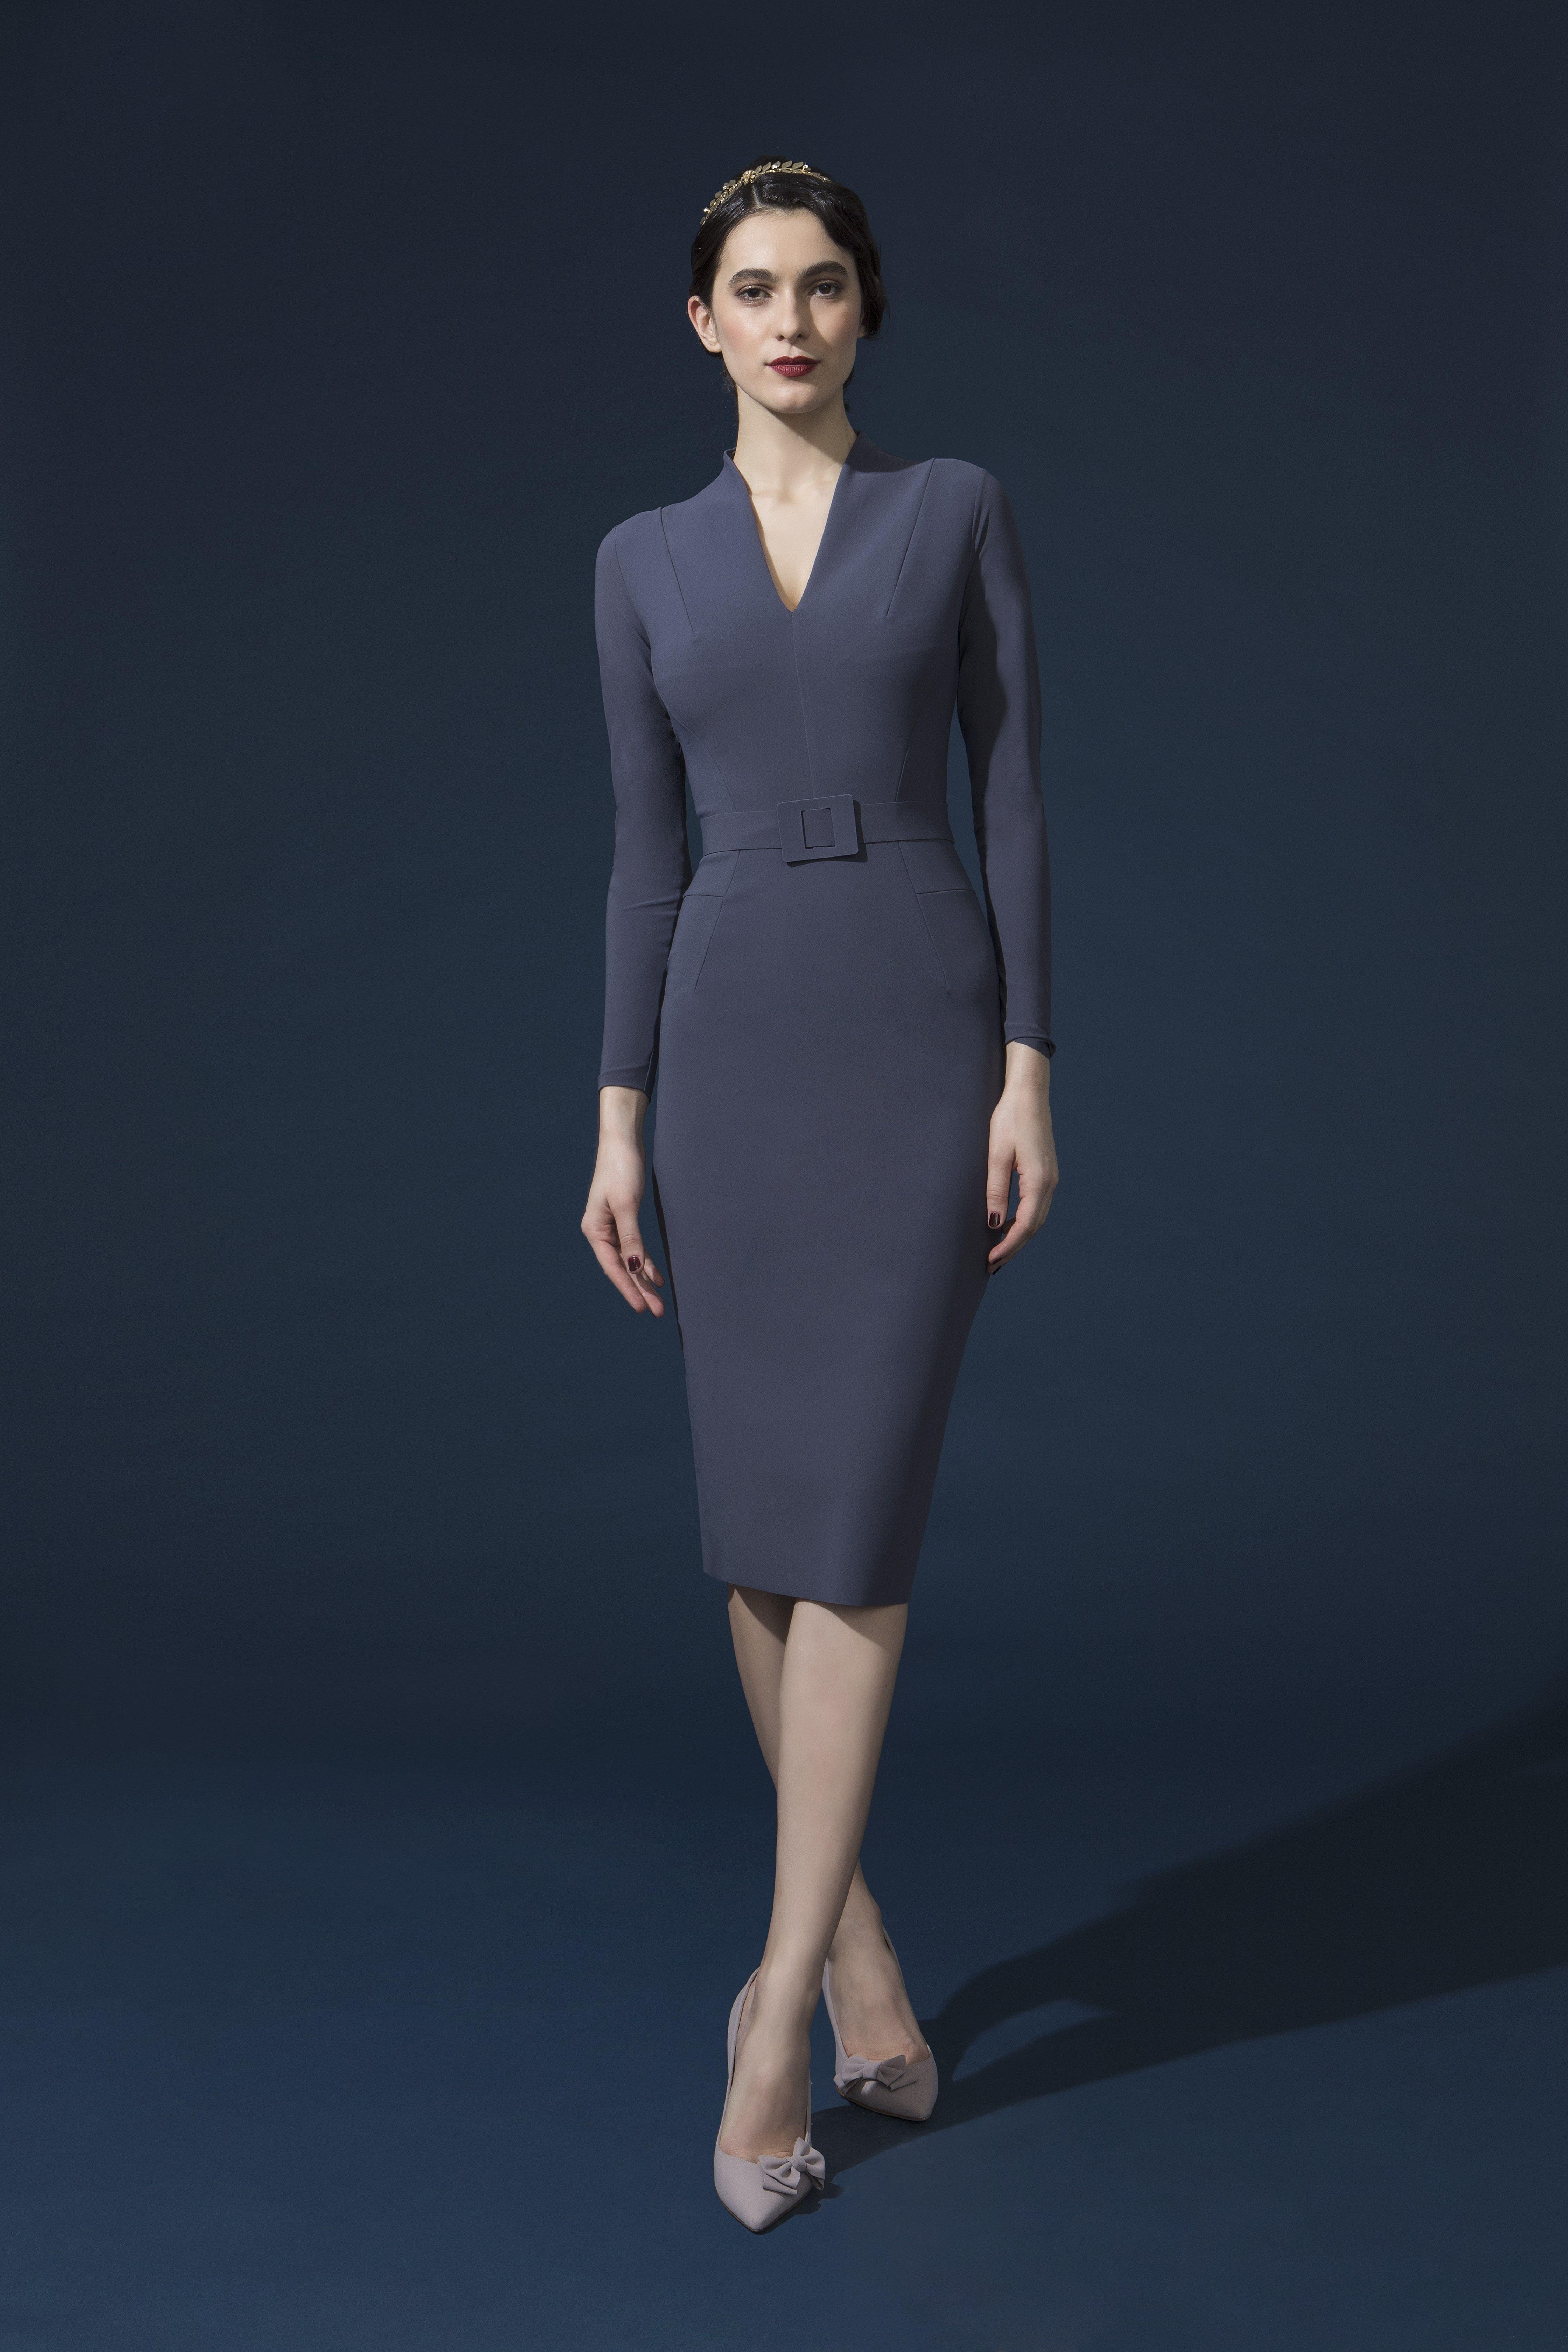 Evalda  Chiara Boni La Petite Robe  Corporate attire, Nice